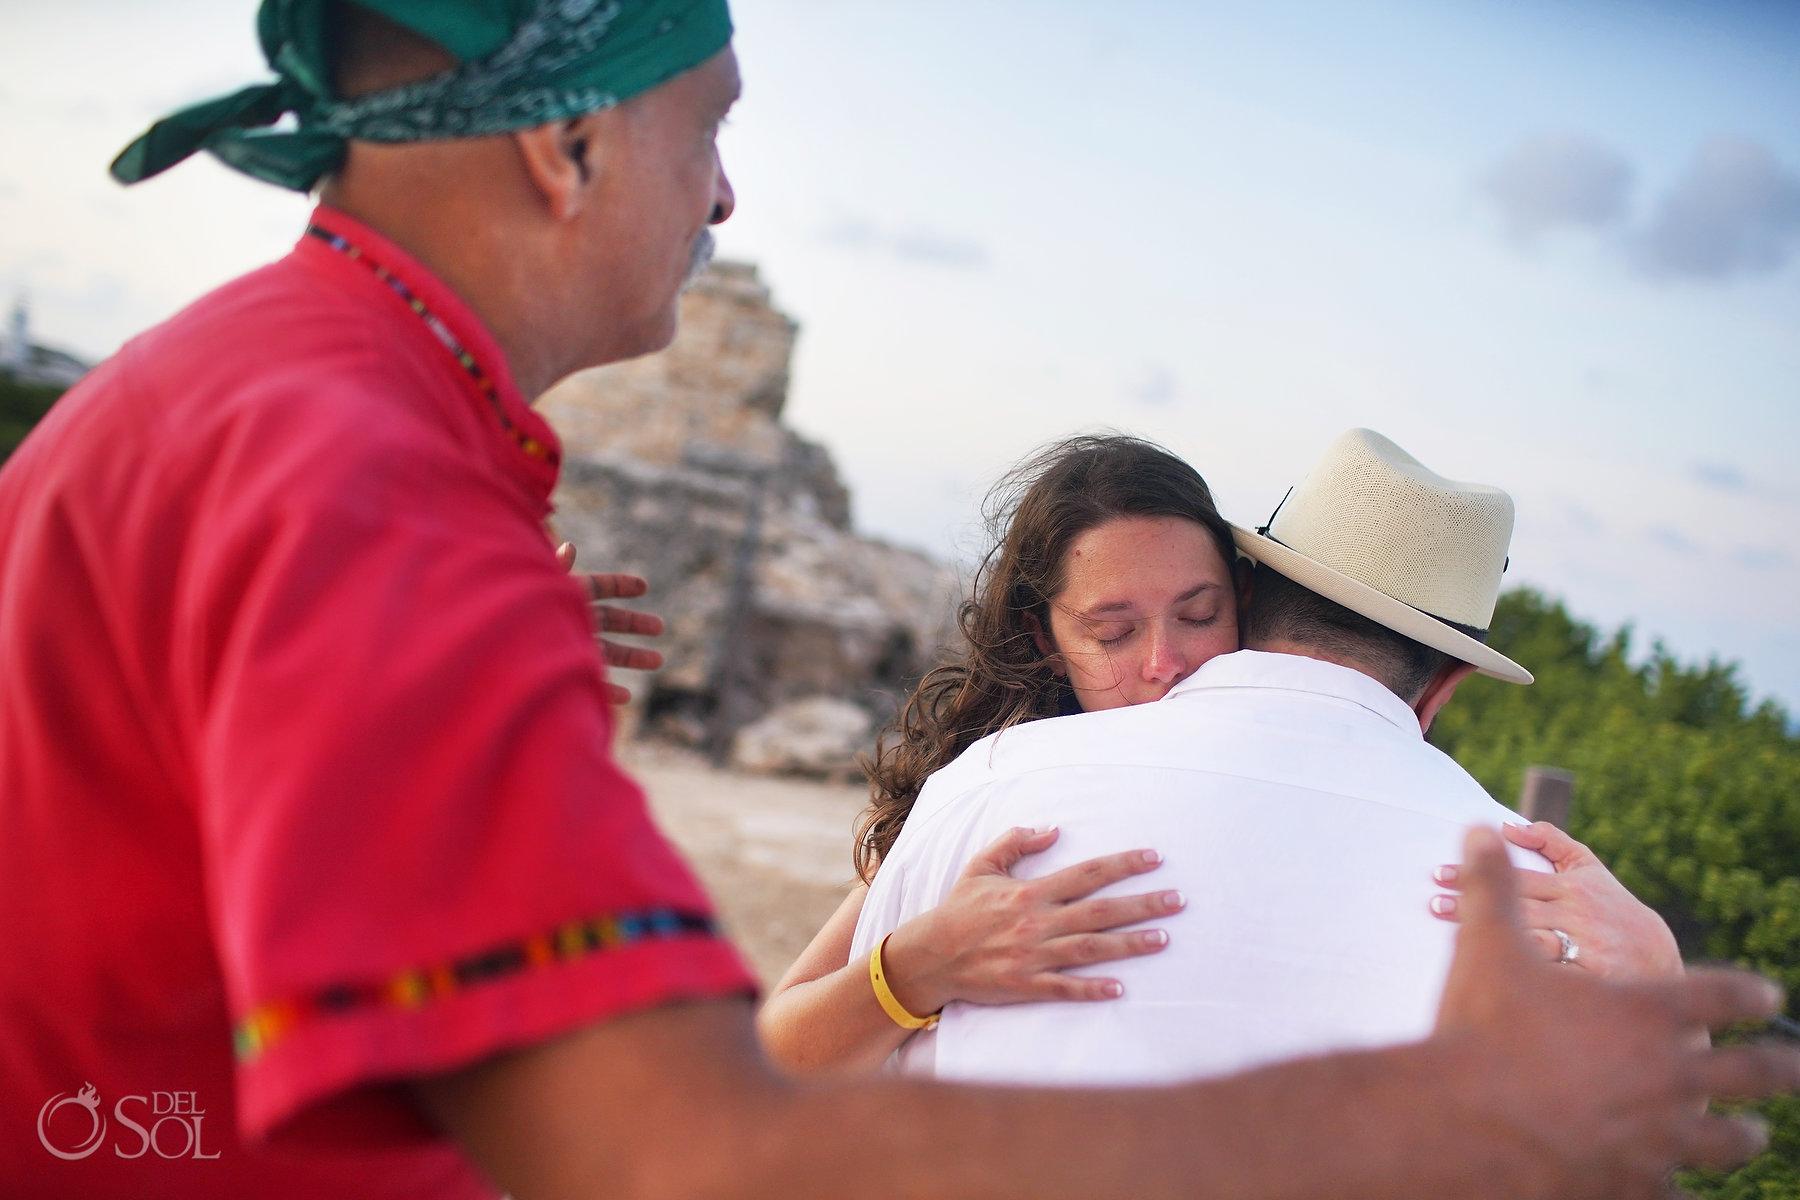 Mayan Ruins Proposal